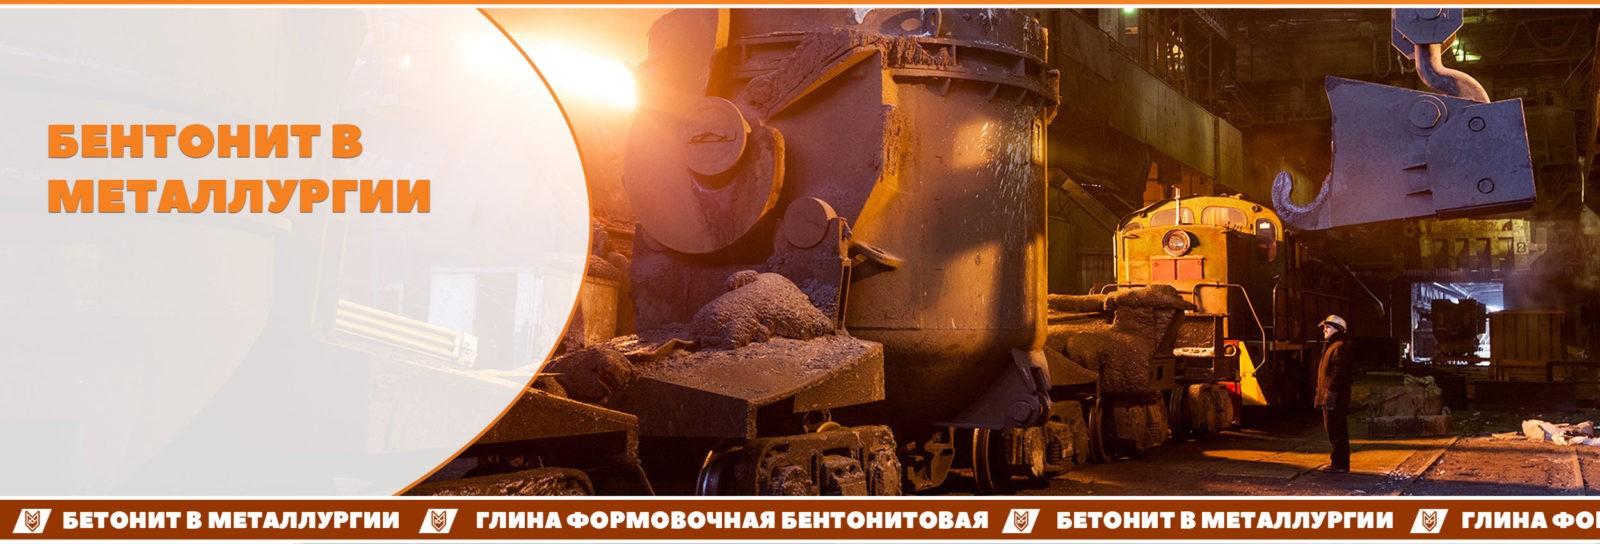 Бентонит в металлургии